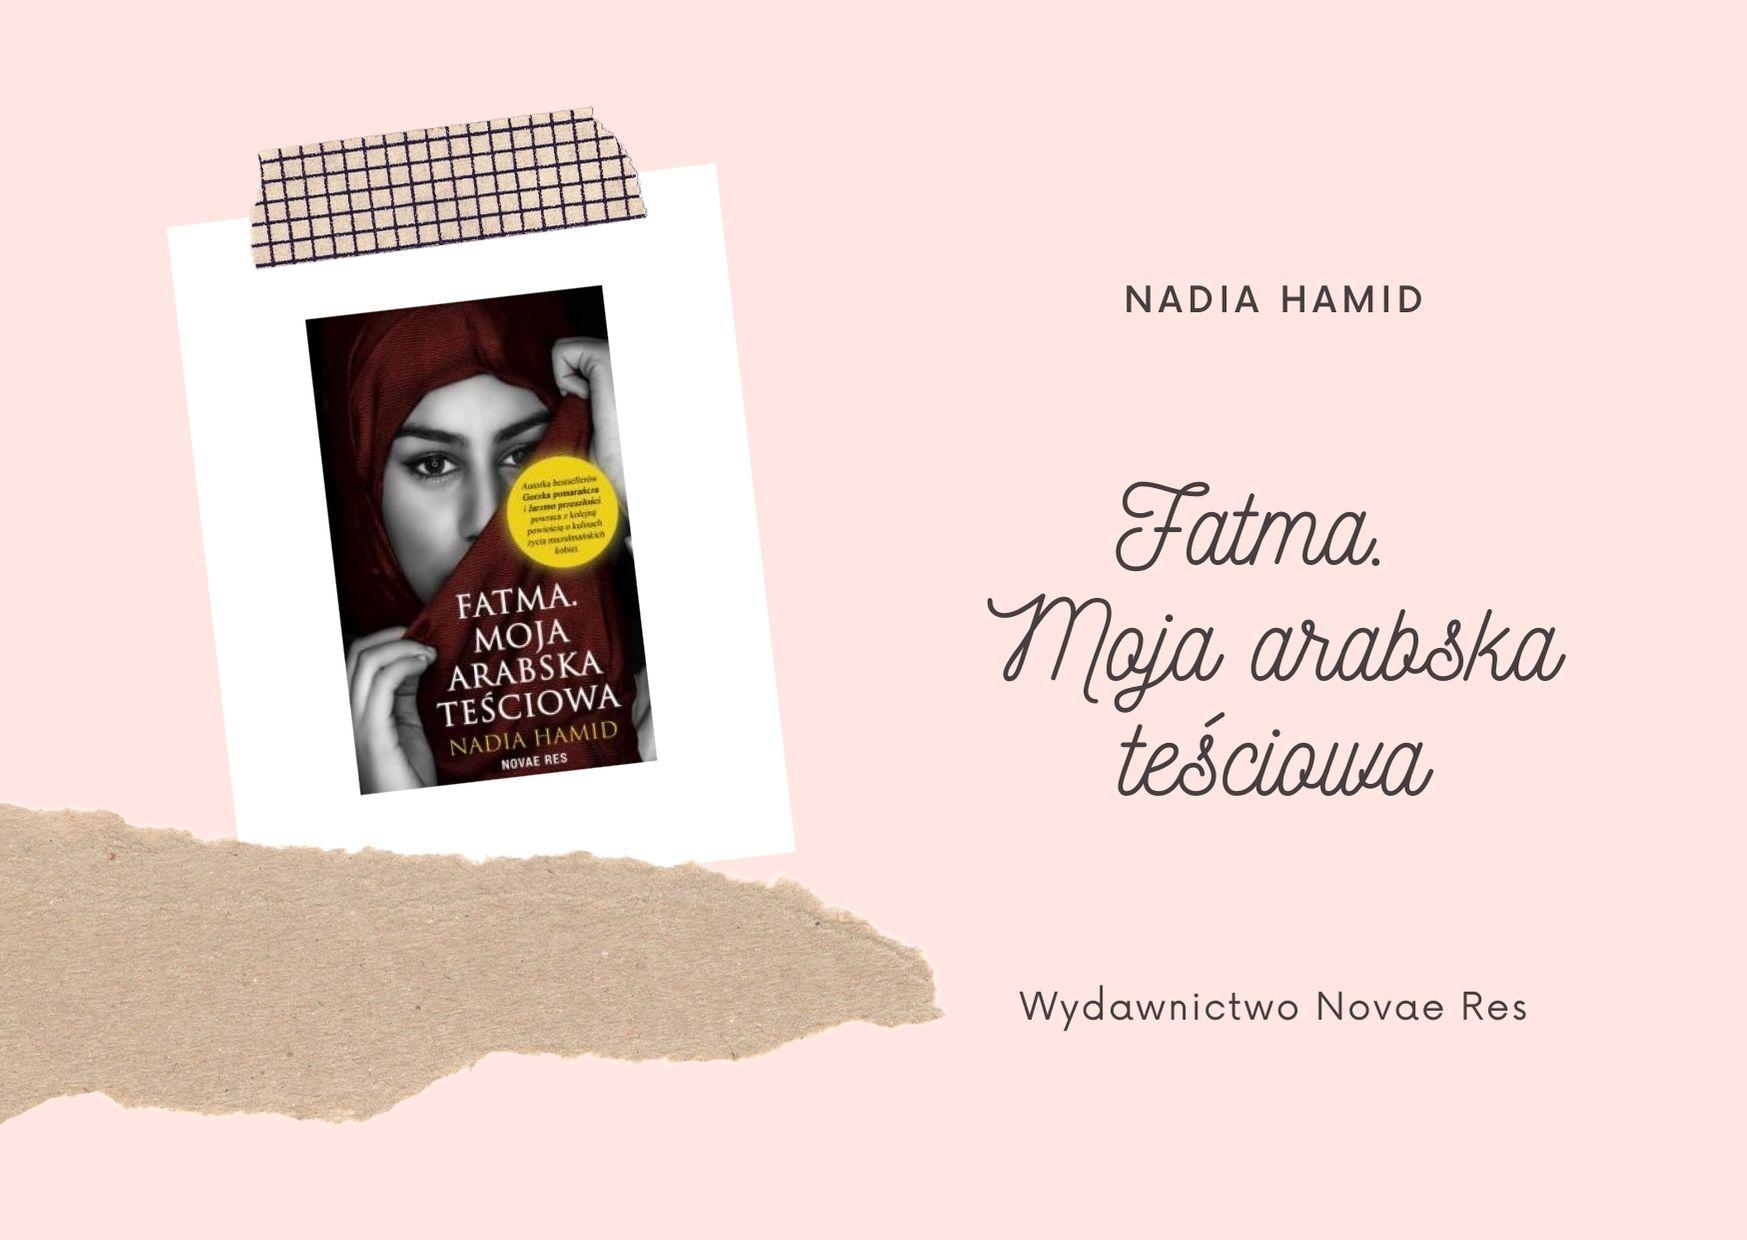 """Nadia Hamid """"Fatma. Moja arabska teściowa"""" od Wydawnictwa Novae Res – do wygrania w konkursie!"""